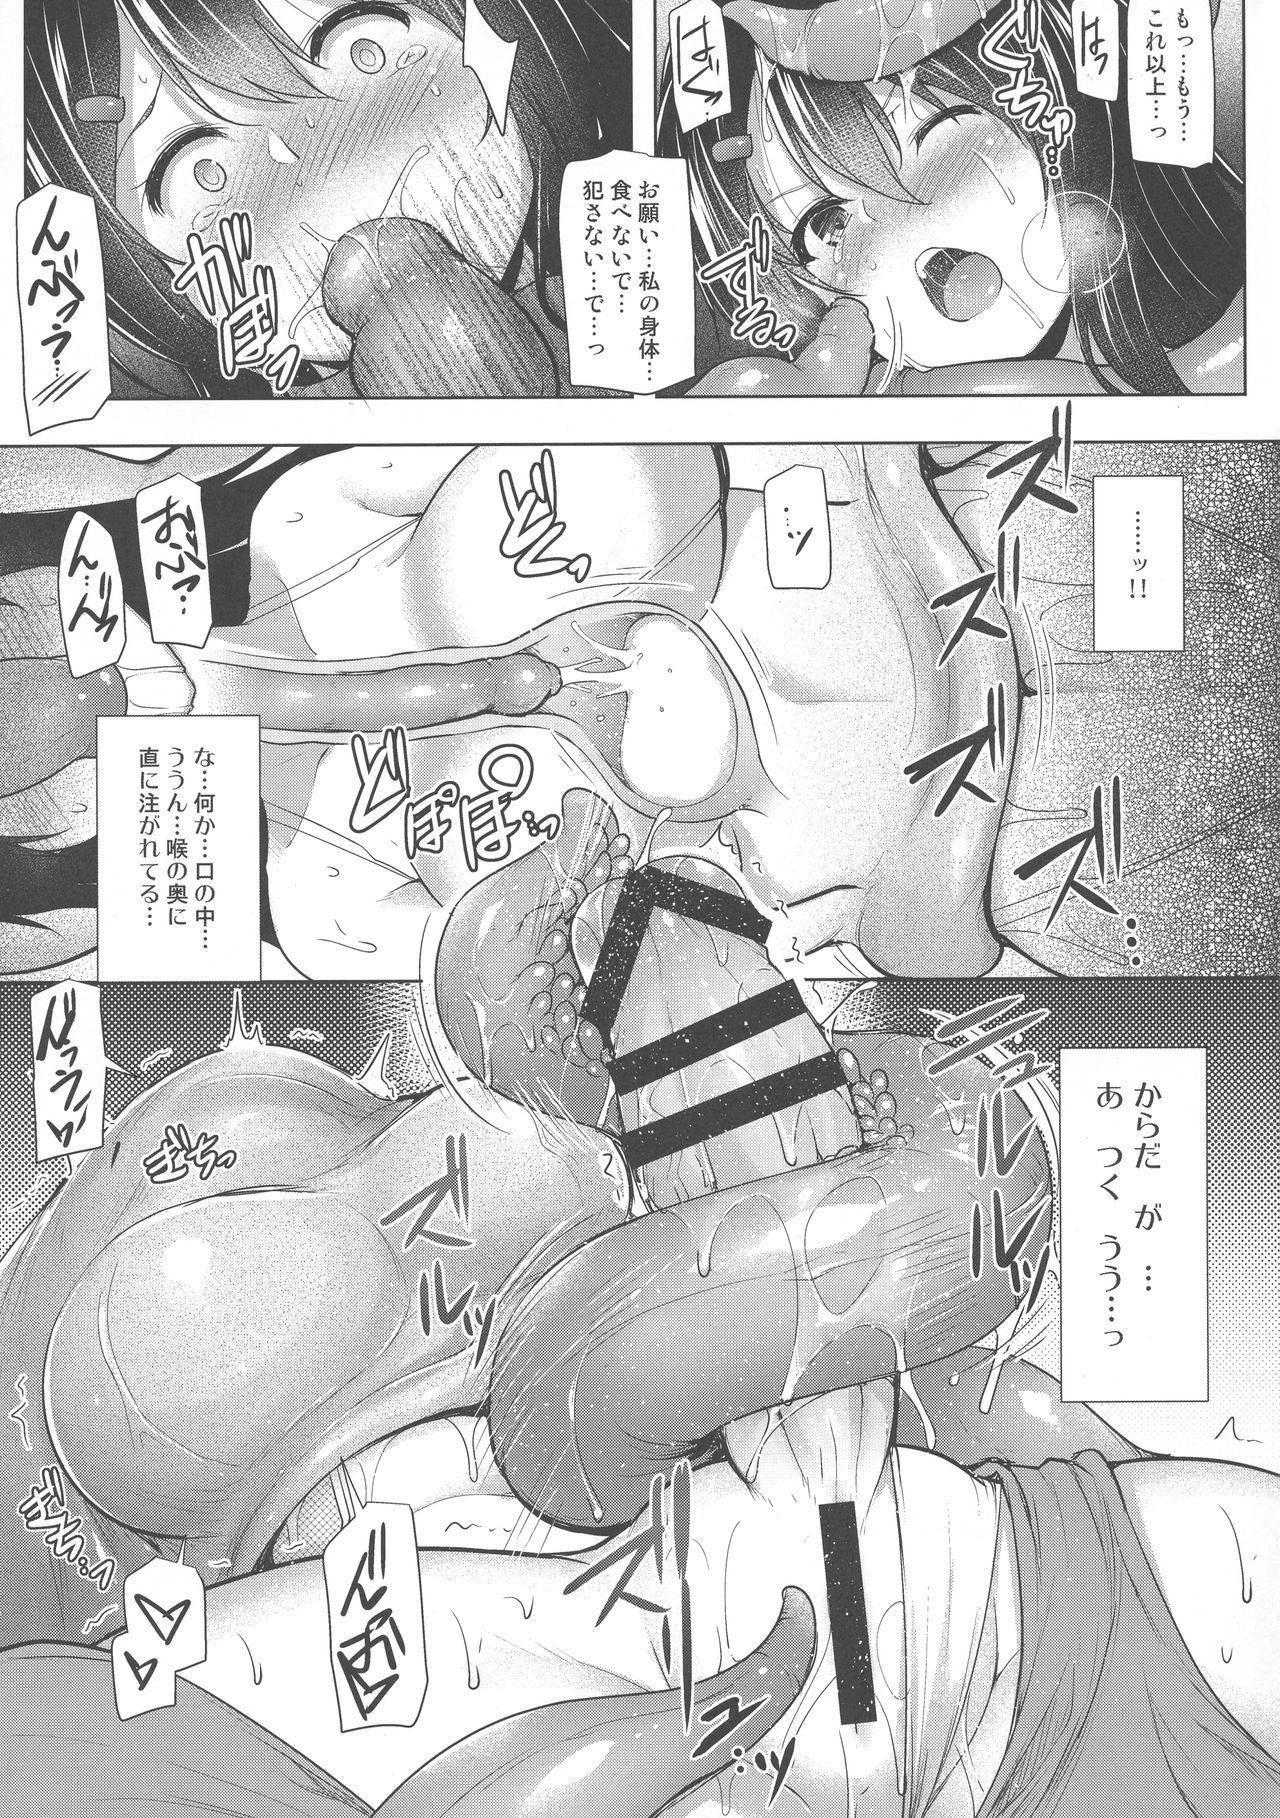 Futanari Kenshi Shizuku no Junan 12